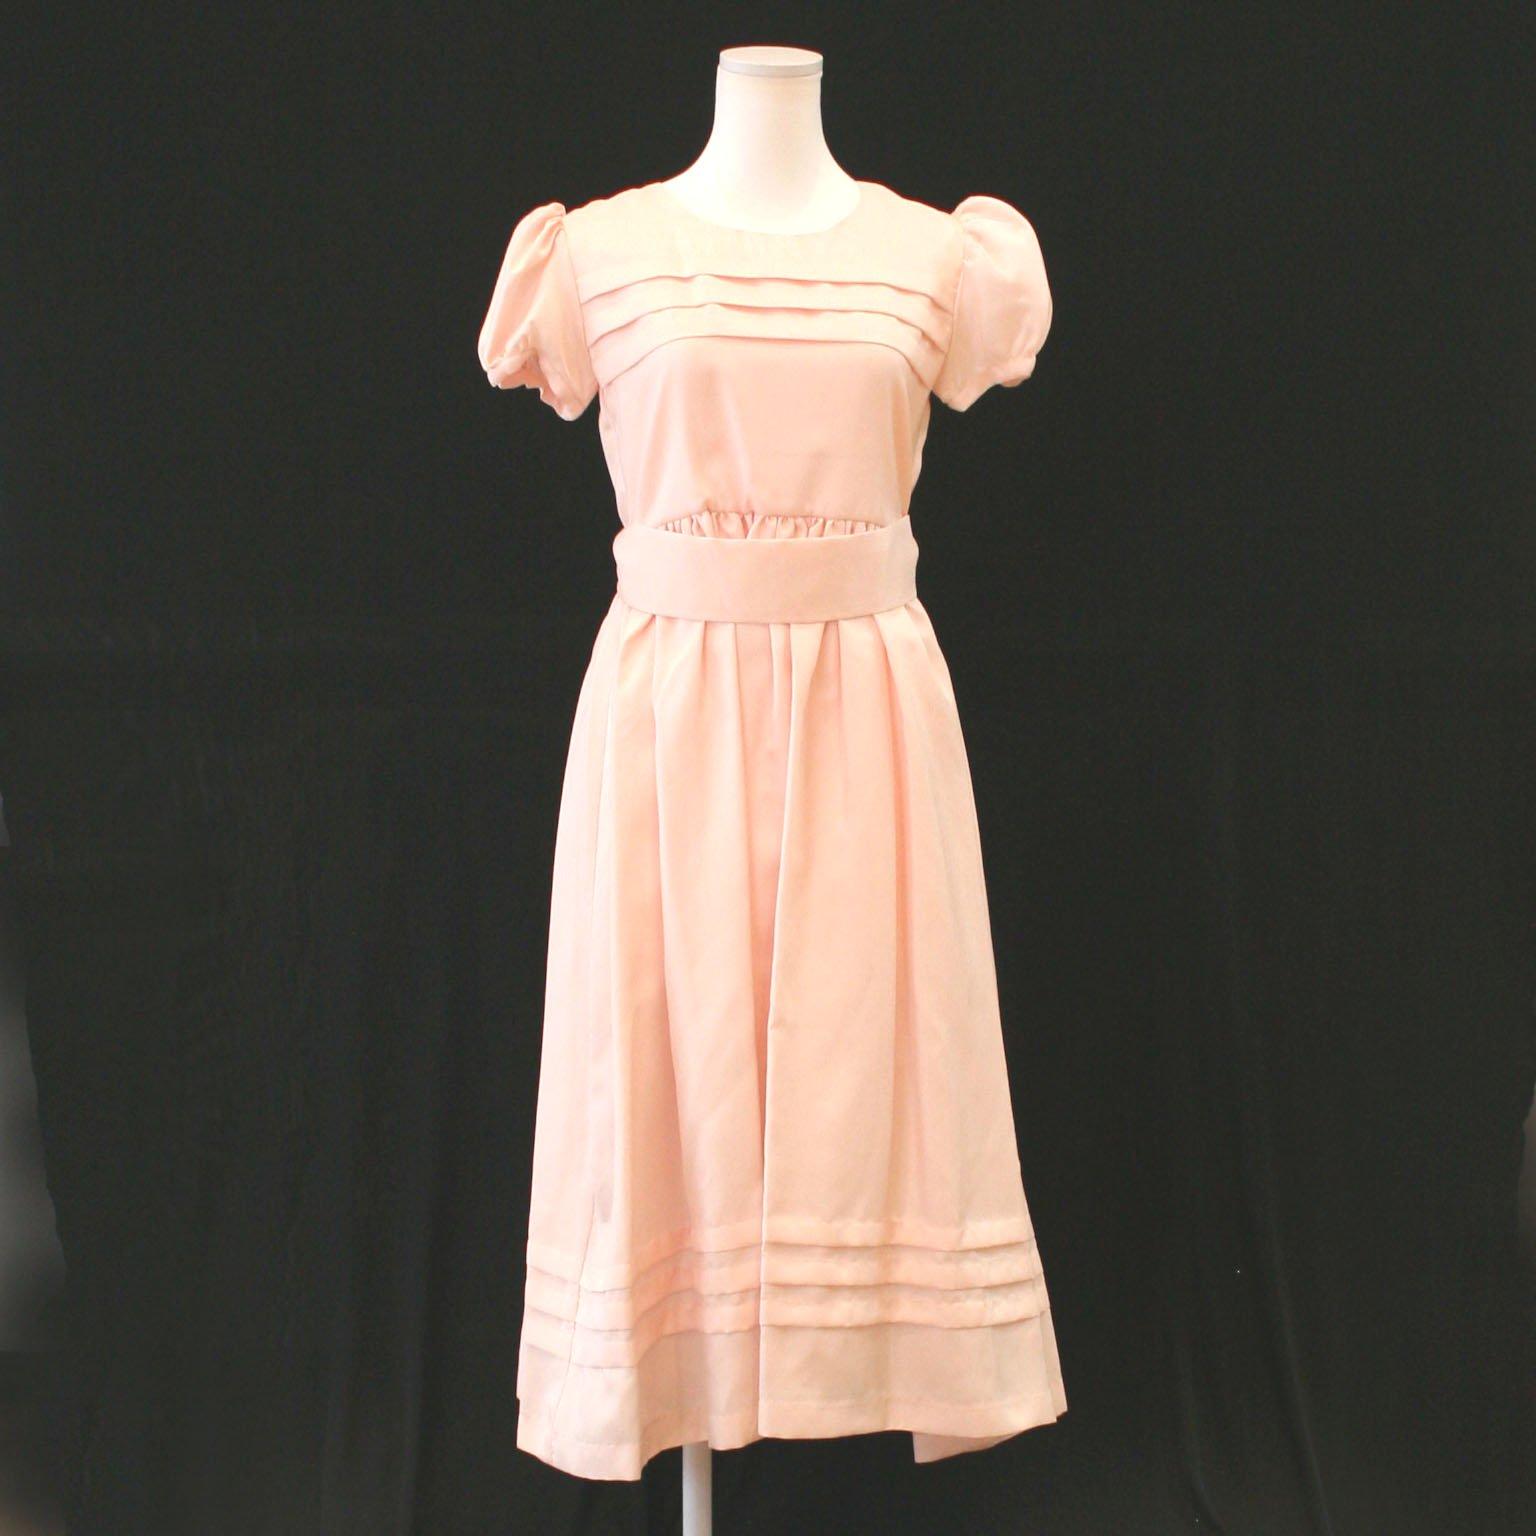 ドレス【レンタル】桜ピンク,ピアノ発表会,結婚式,パーティーワンピース